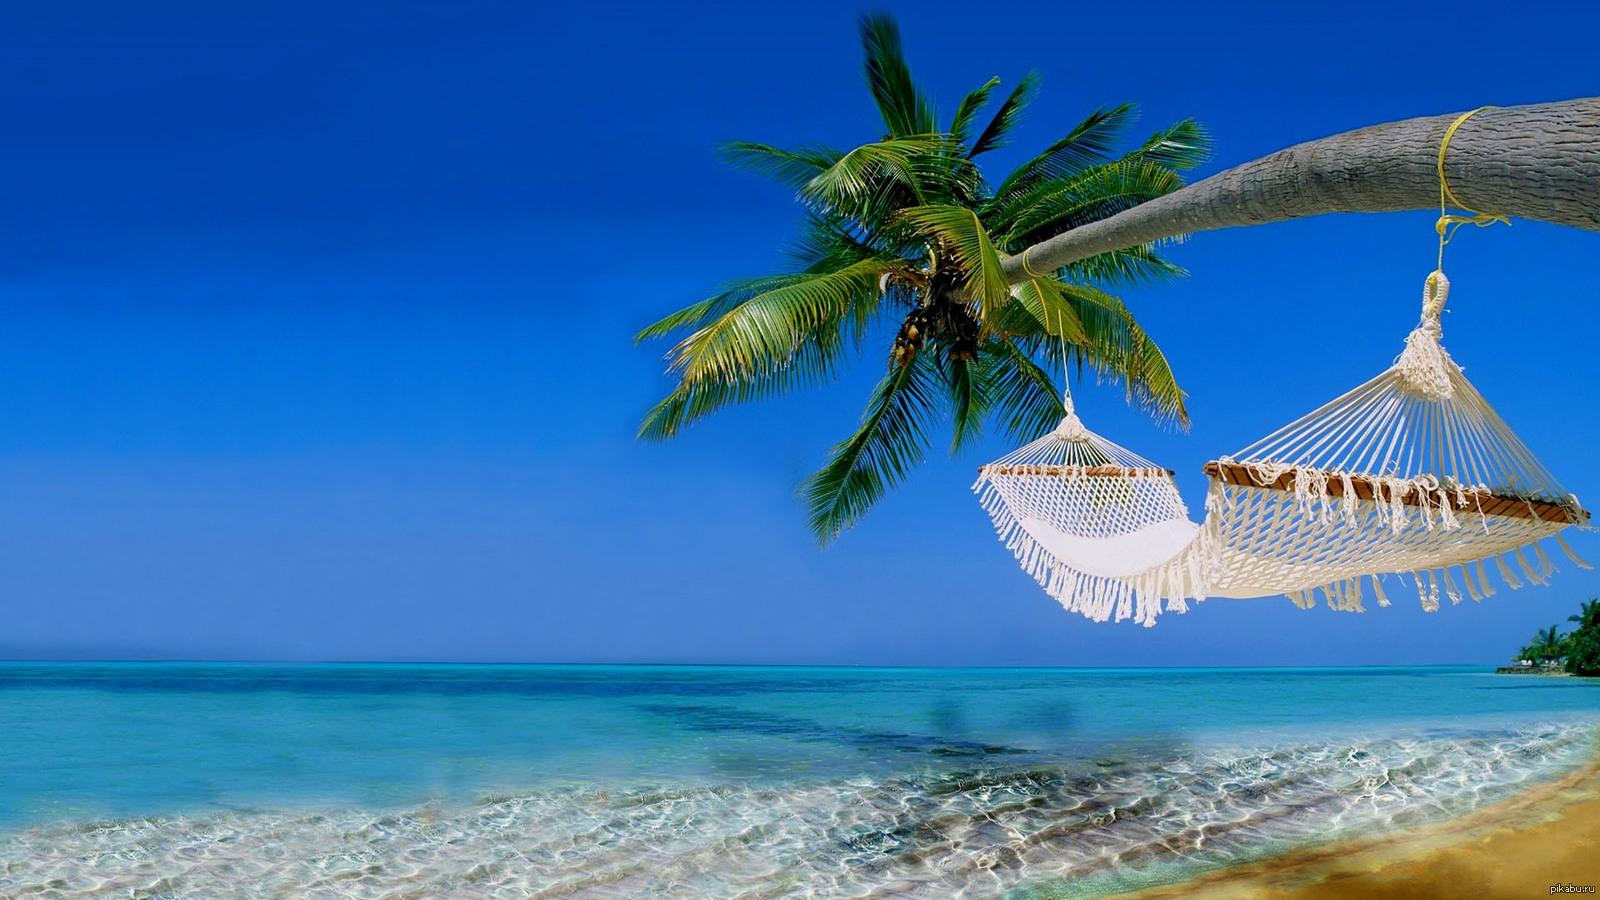 Обои для рабочего стола скачать бесплатно пляж